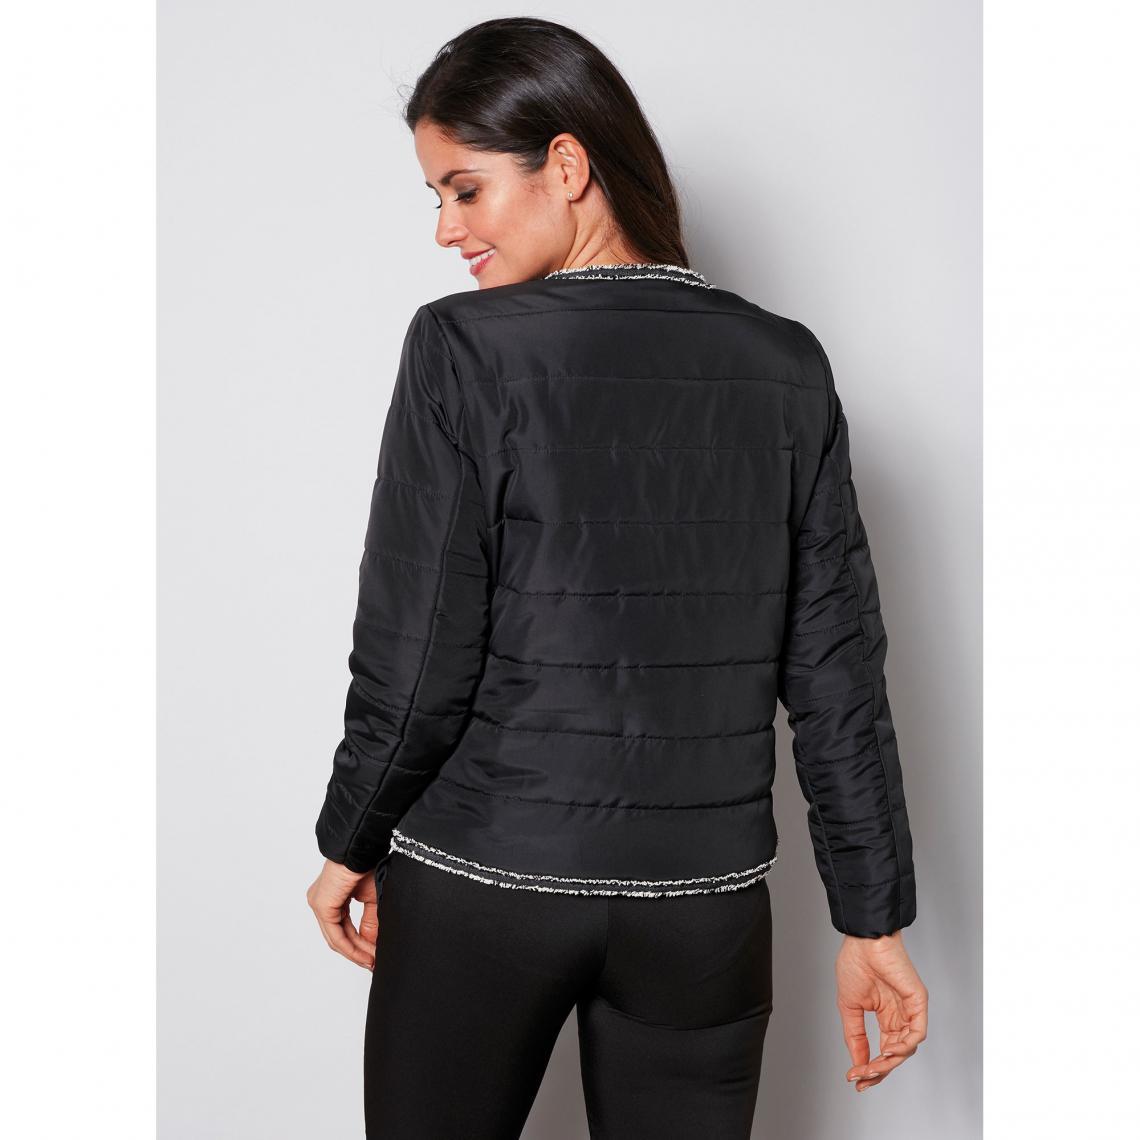 Blouson matelassé zippé manches élastiquées et décorations femme Noir 3 SUISSES